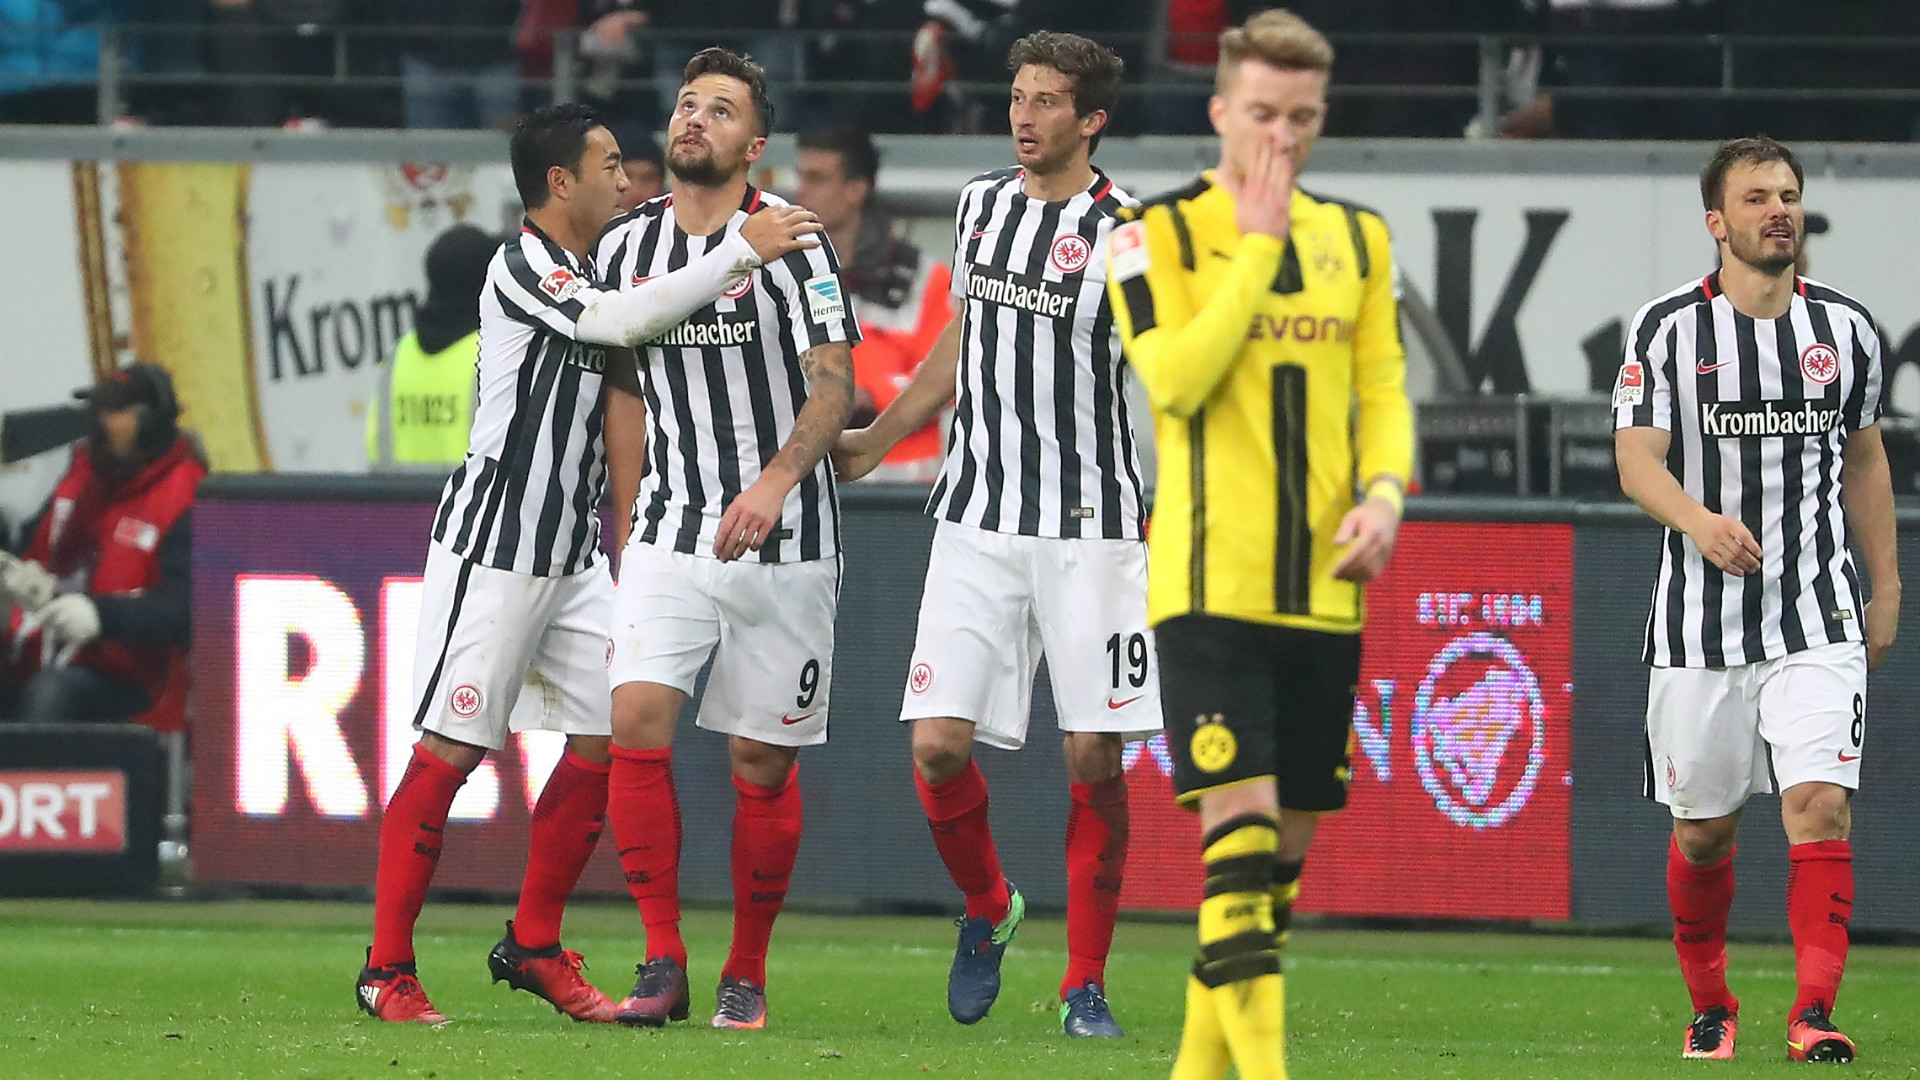 Pronostico Eintracht Francoforte-Borussia Dortmund 27 maggio: la finale di Coppa di Germania